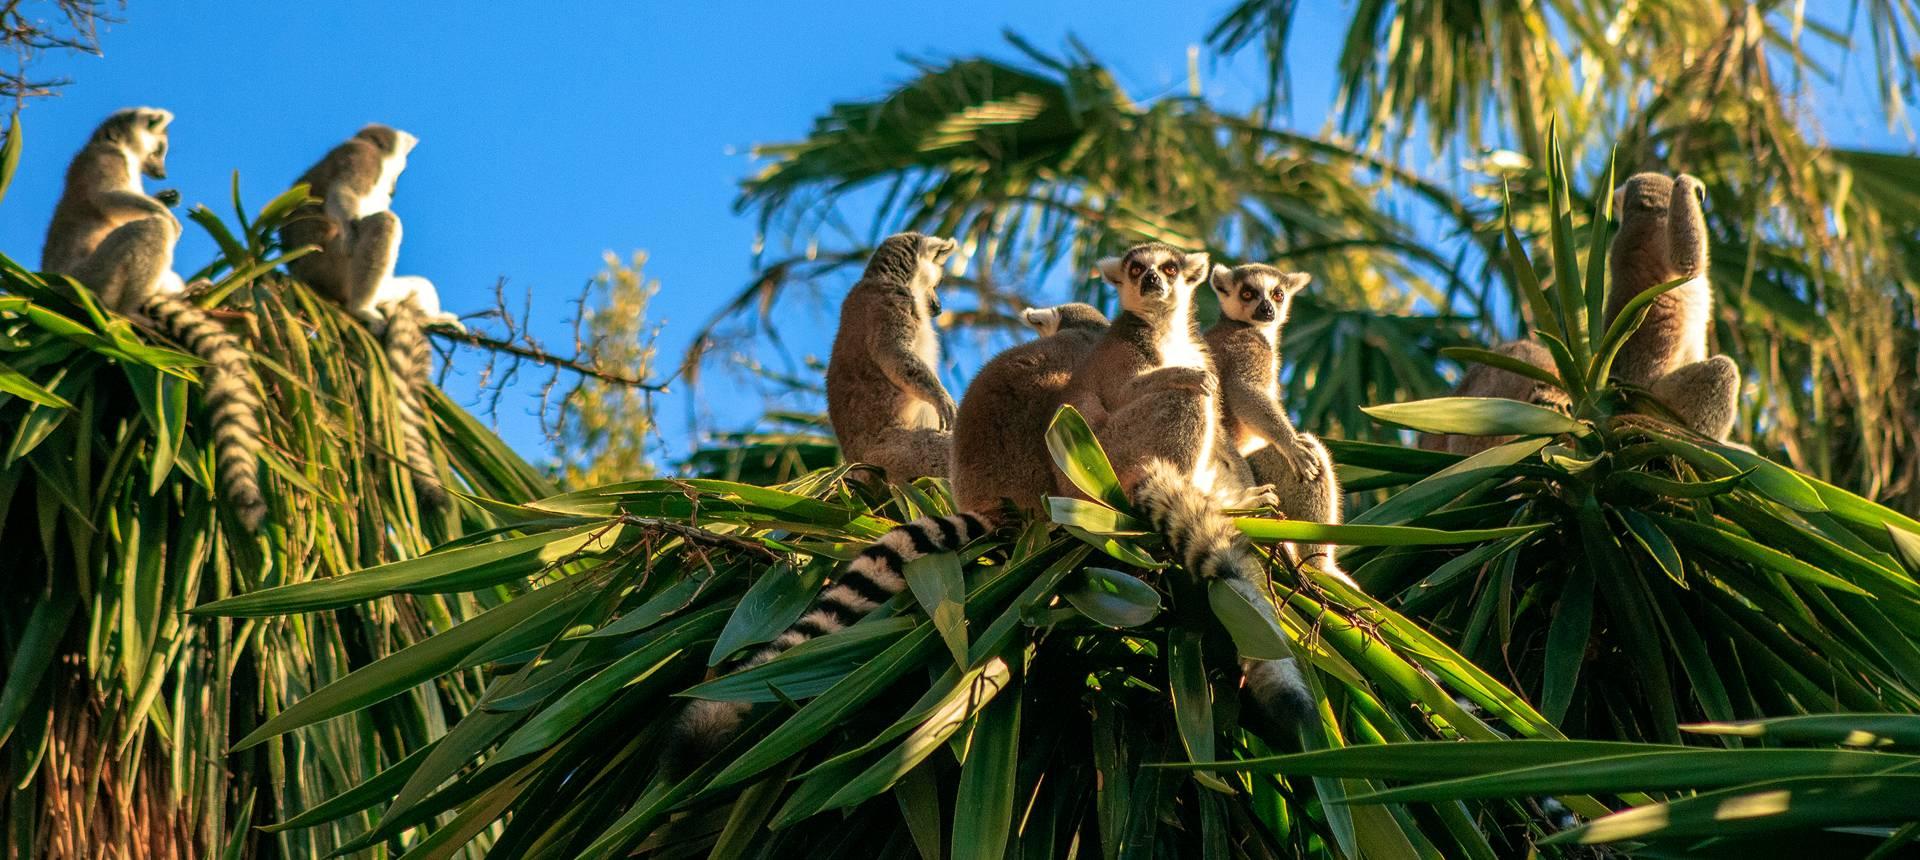 Ring Tailed Lemurs Shutterstock 569479741